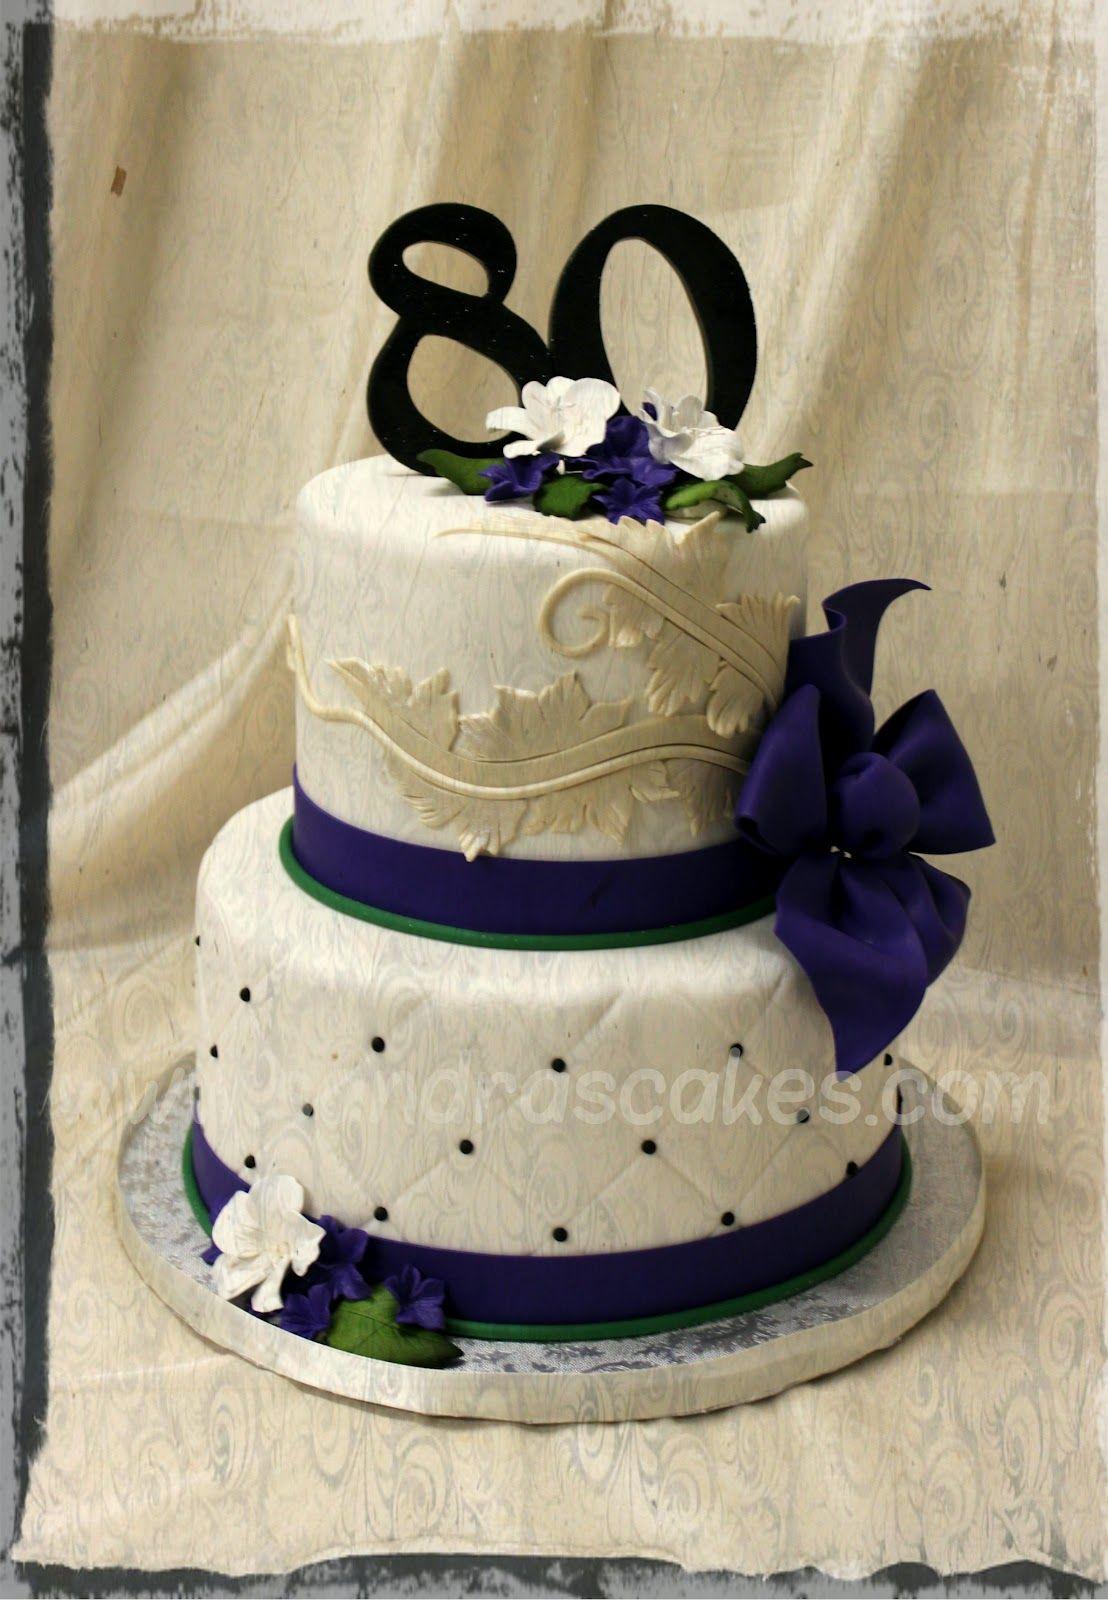 Elegant Birthday Cakes For Women | Sandra's Cakes ...